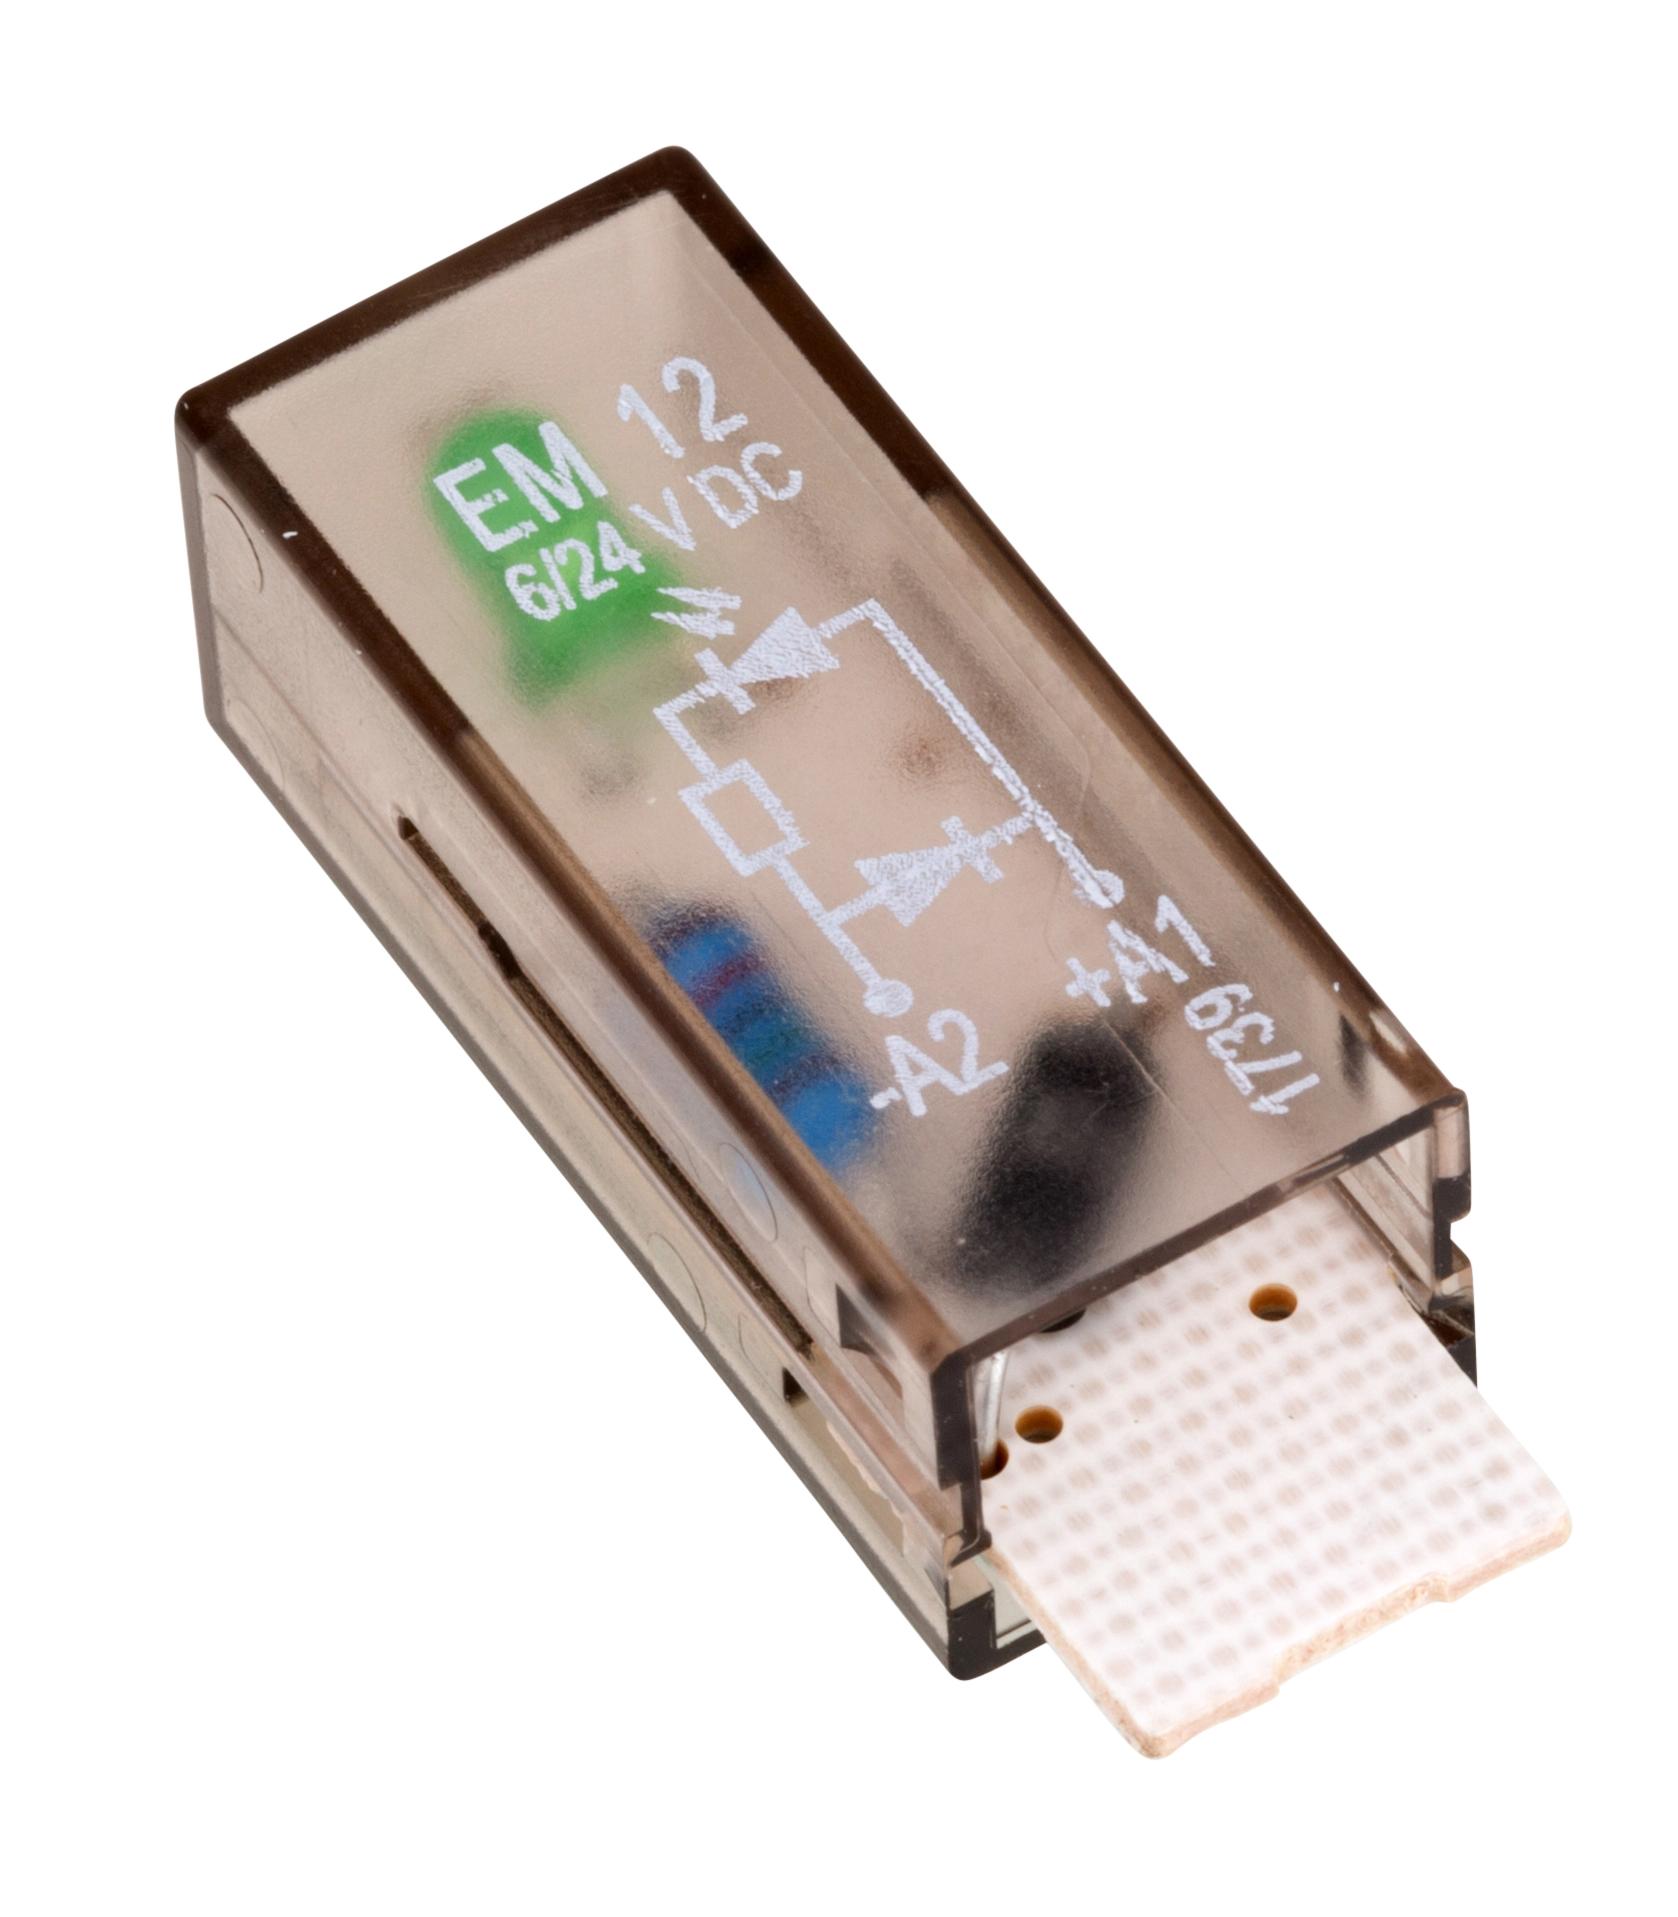 1 Stk LED-Steckmodul, grün, 6-24V DC mit Freilaufdiode, A1+, EM12 YMLGD024--